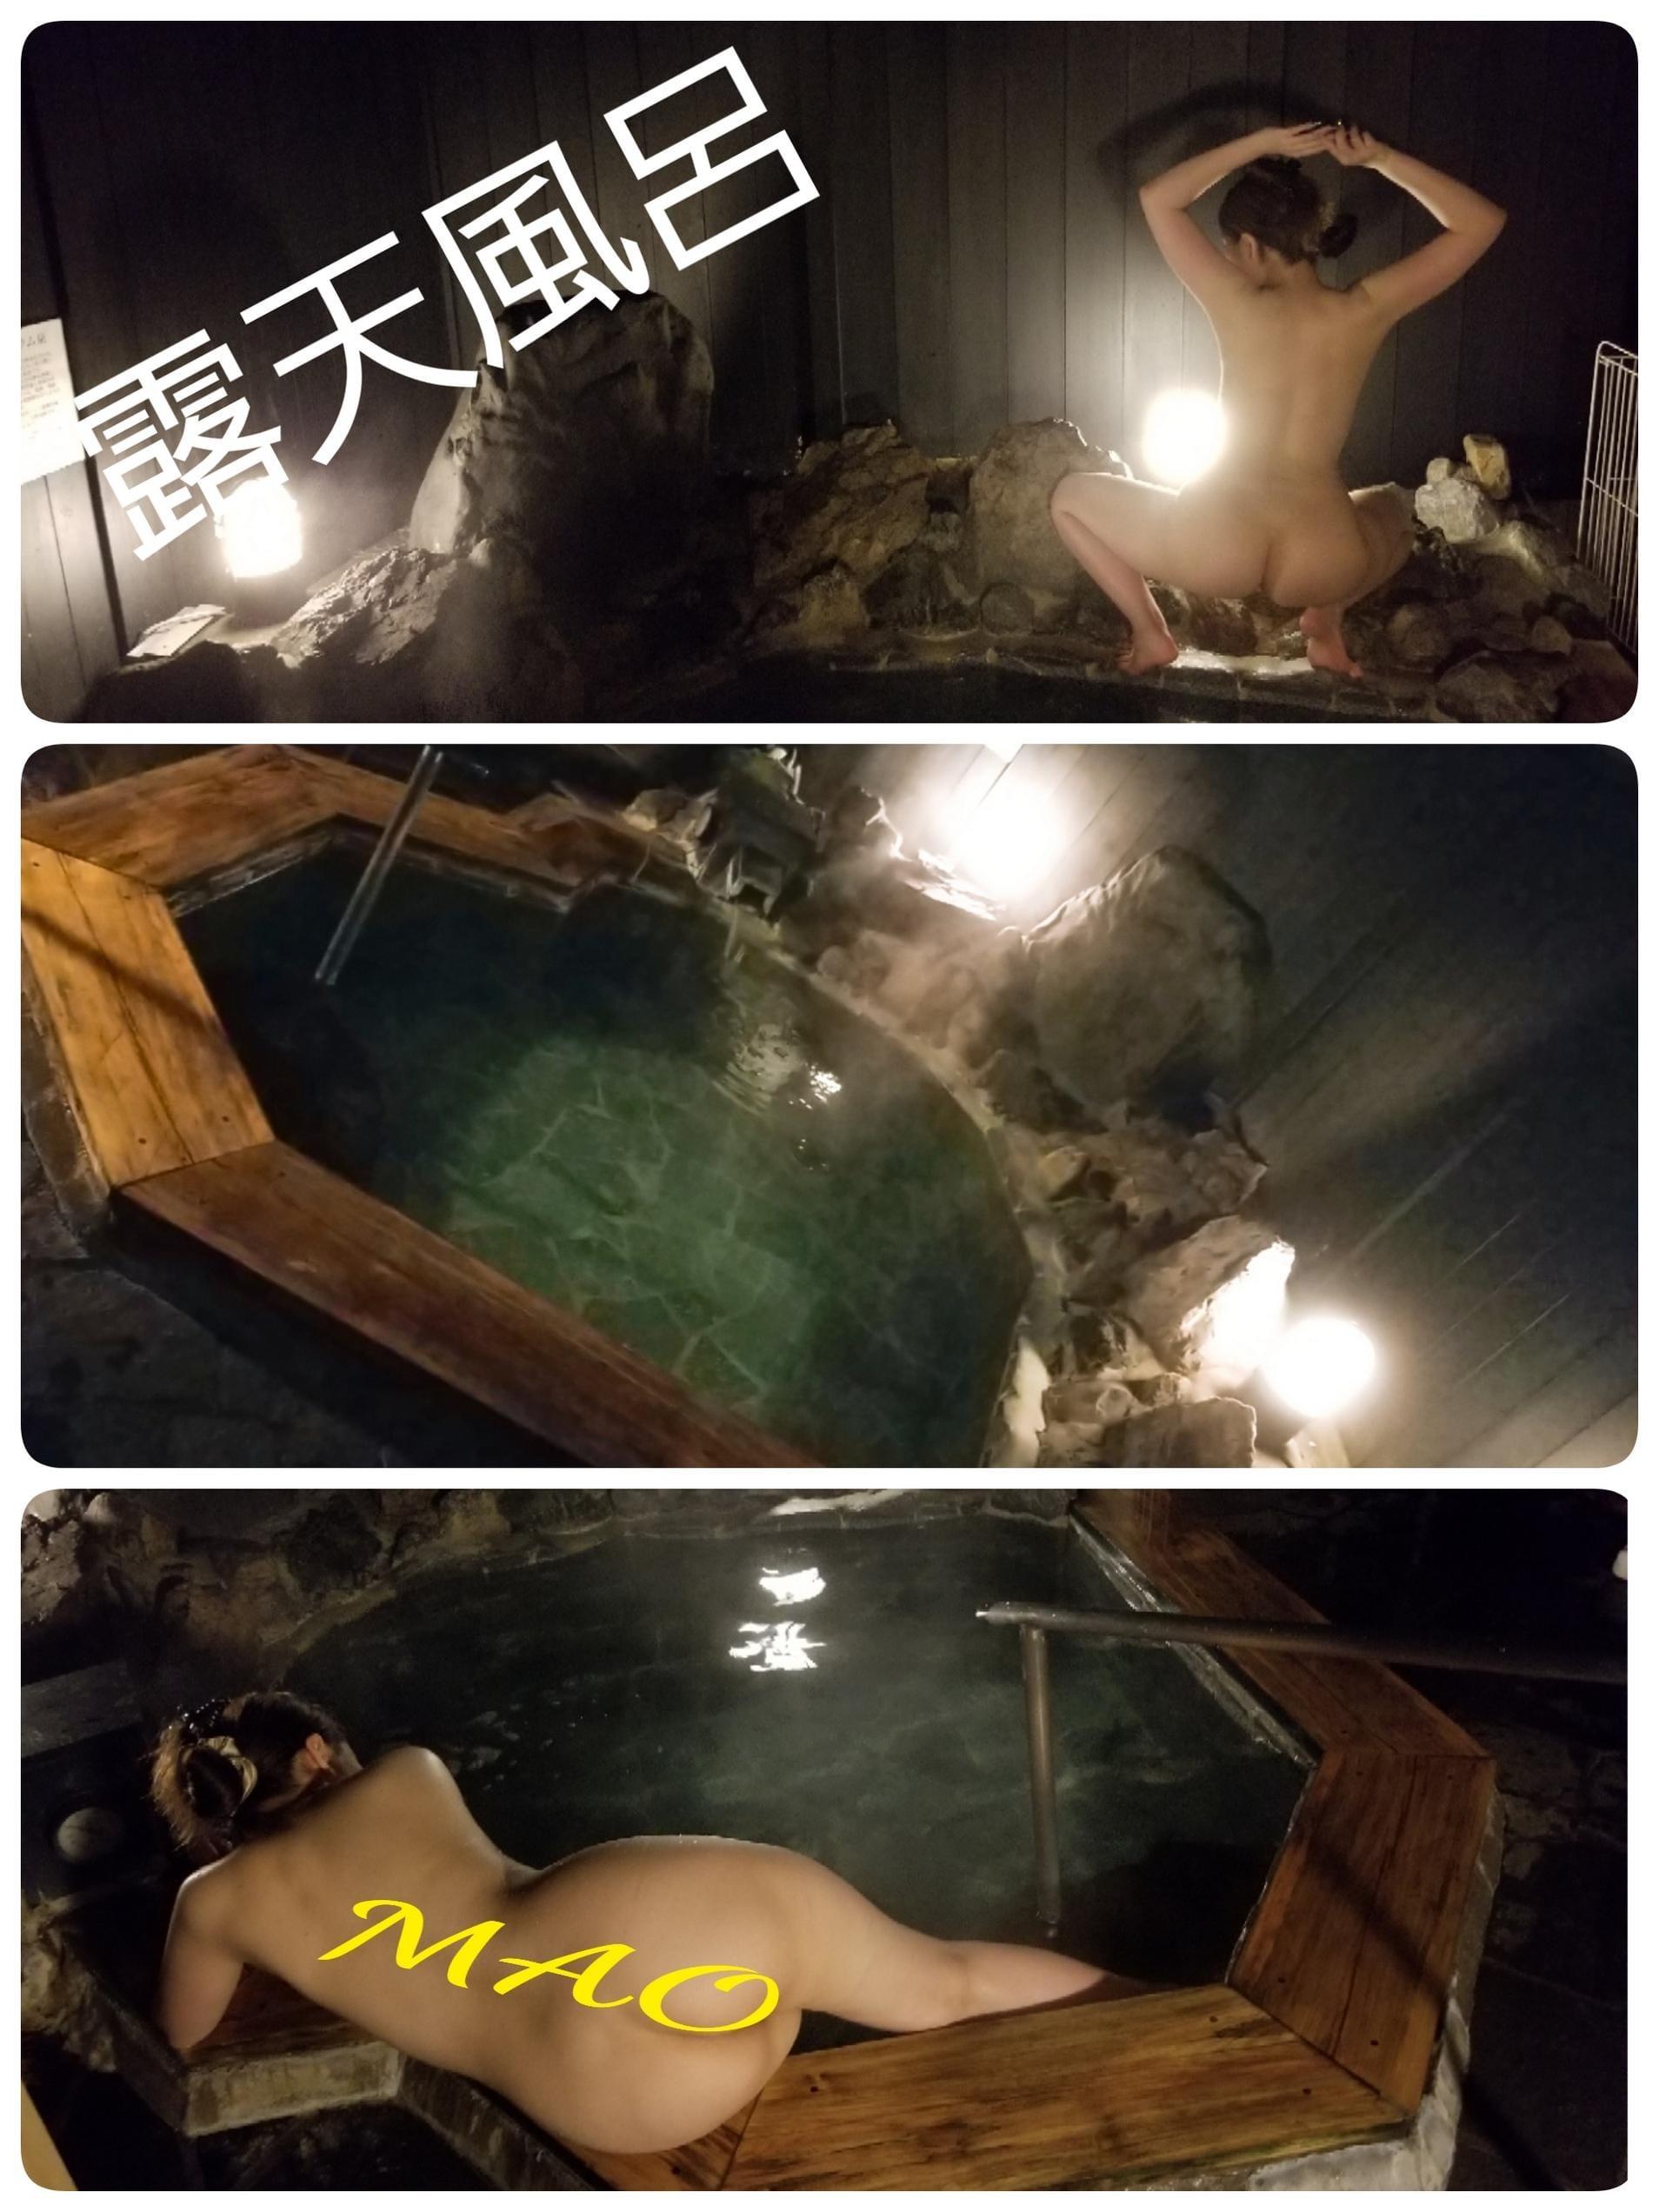 「ありがとう」10/16(10/16) 04:24 | まお ★昇天必至エロボディ★の写メ・風俗動画